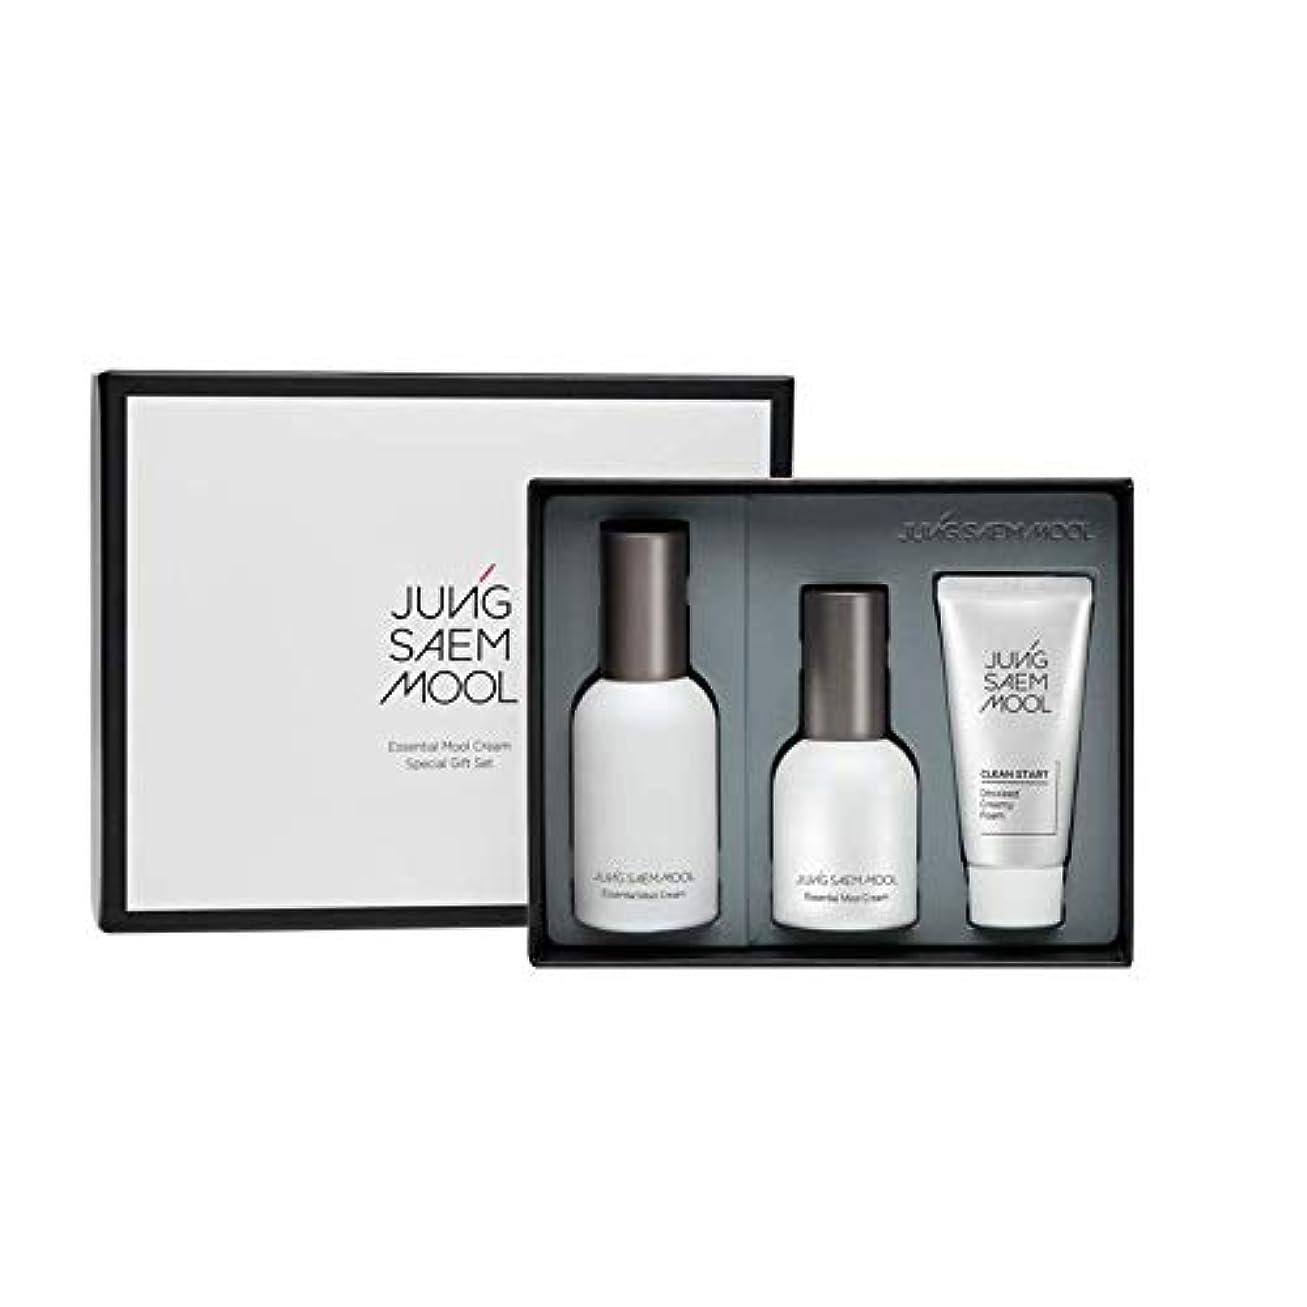 救援女王遠えジョンセンムル JUNGSAEMMOOL エッセンシャルムルクリームスペシャルギフトセット Essential Mool Cream Special Gift Set [並行輸入品]